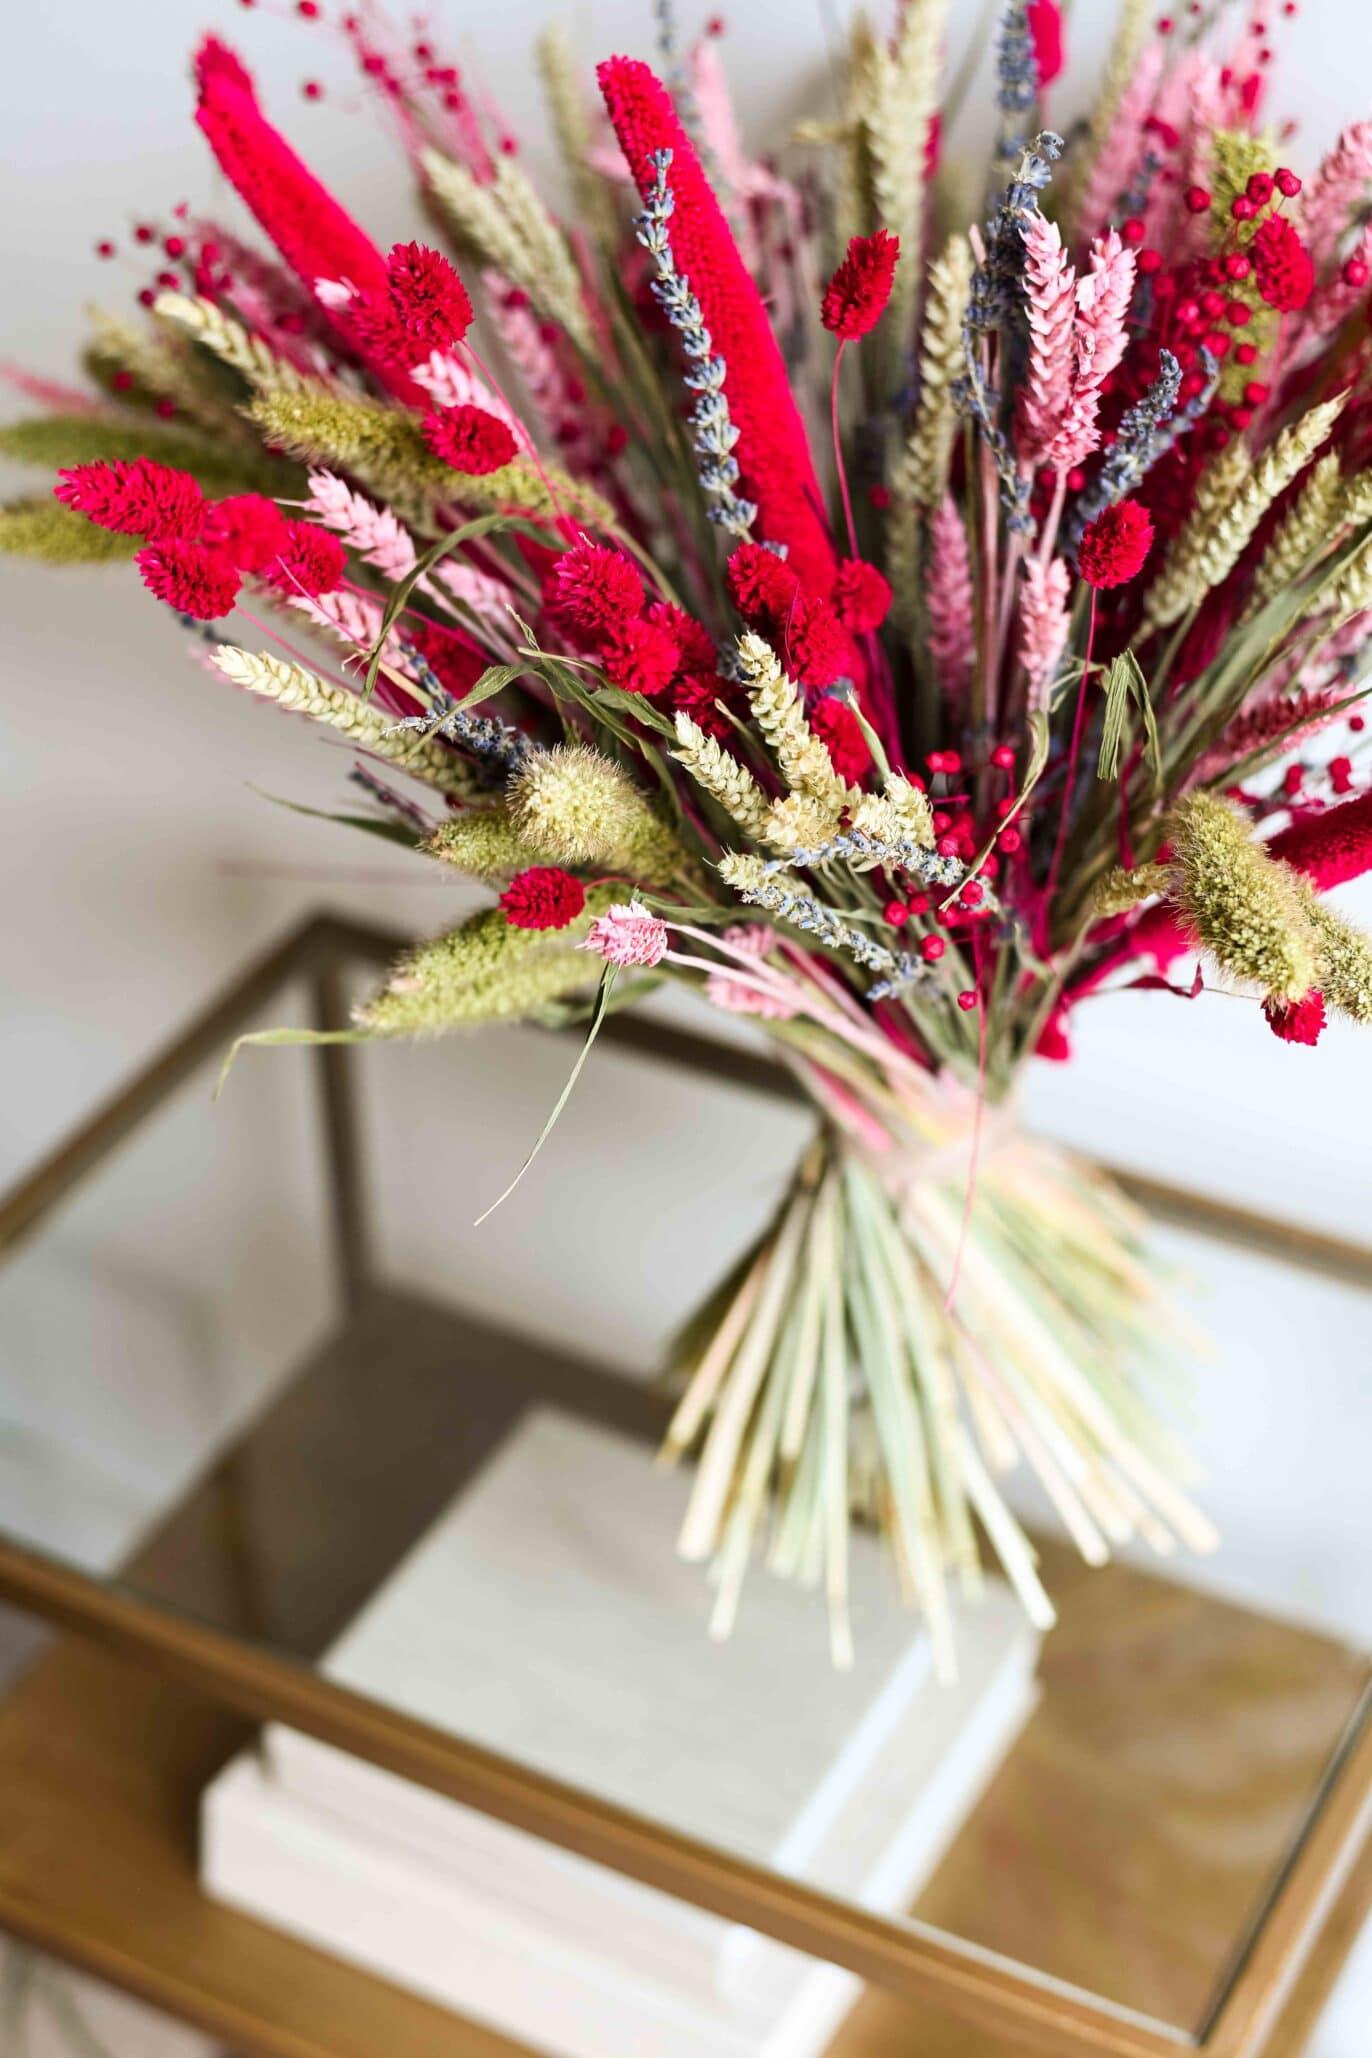 colourful dryflower bouquet